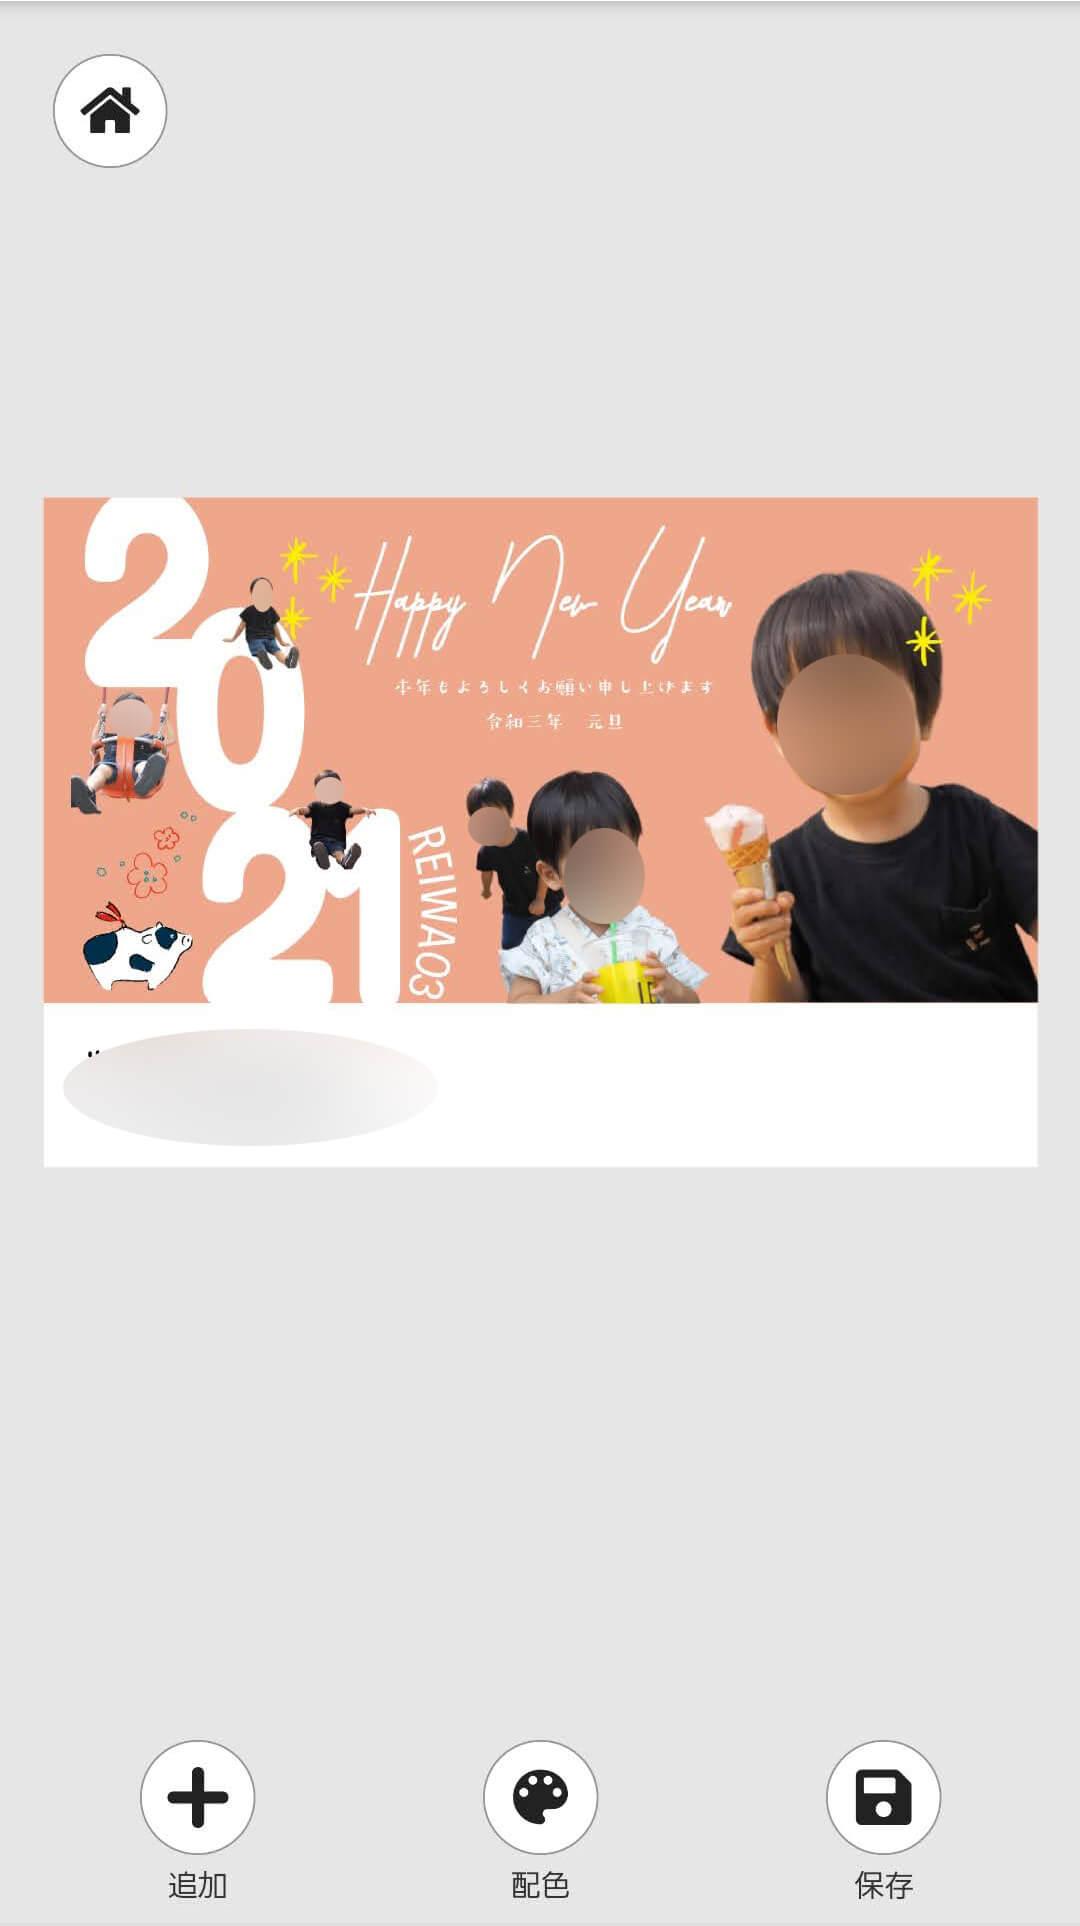 年賀状写真印刷製作所の年賀状の注文方法